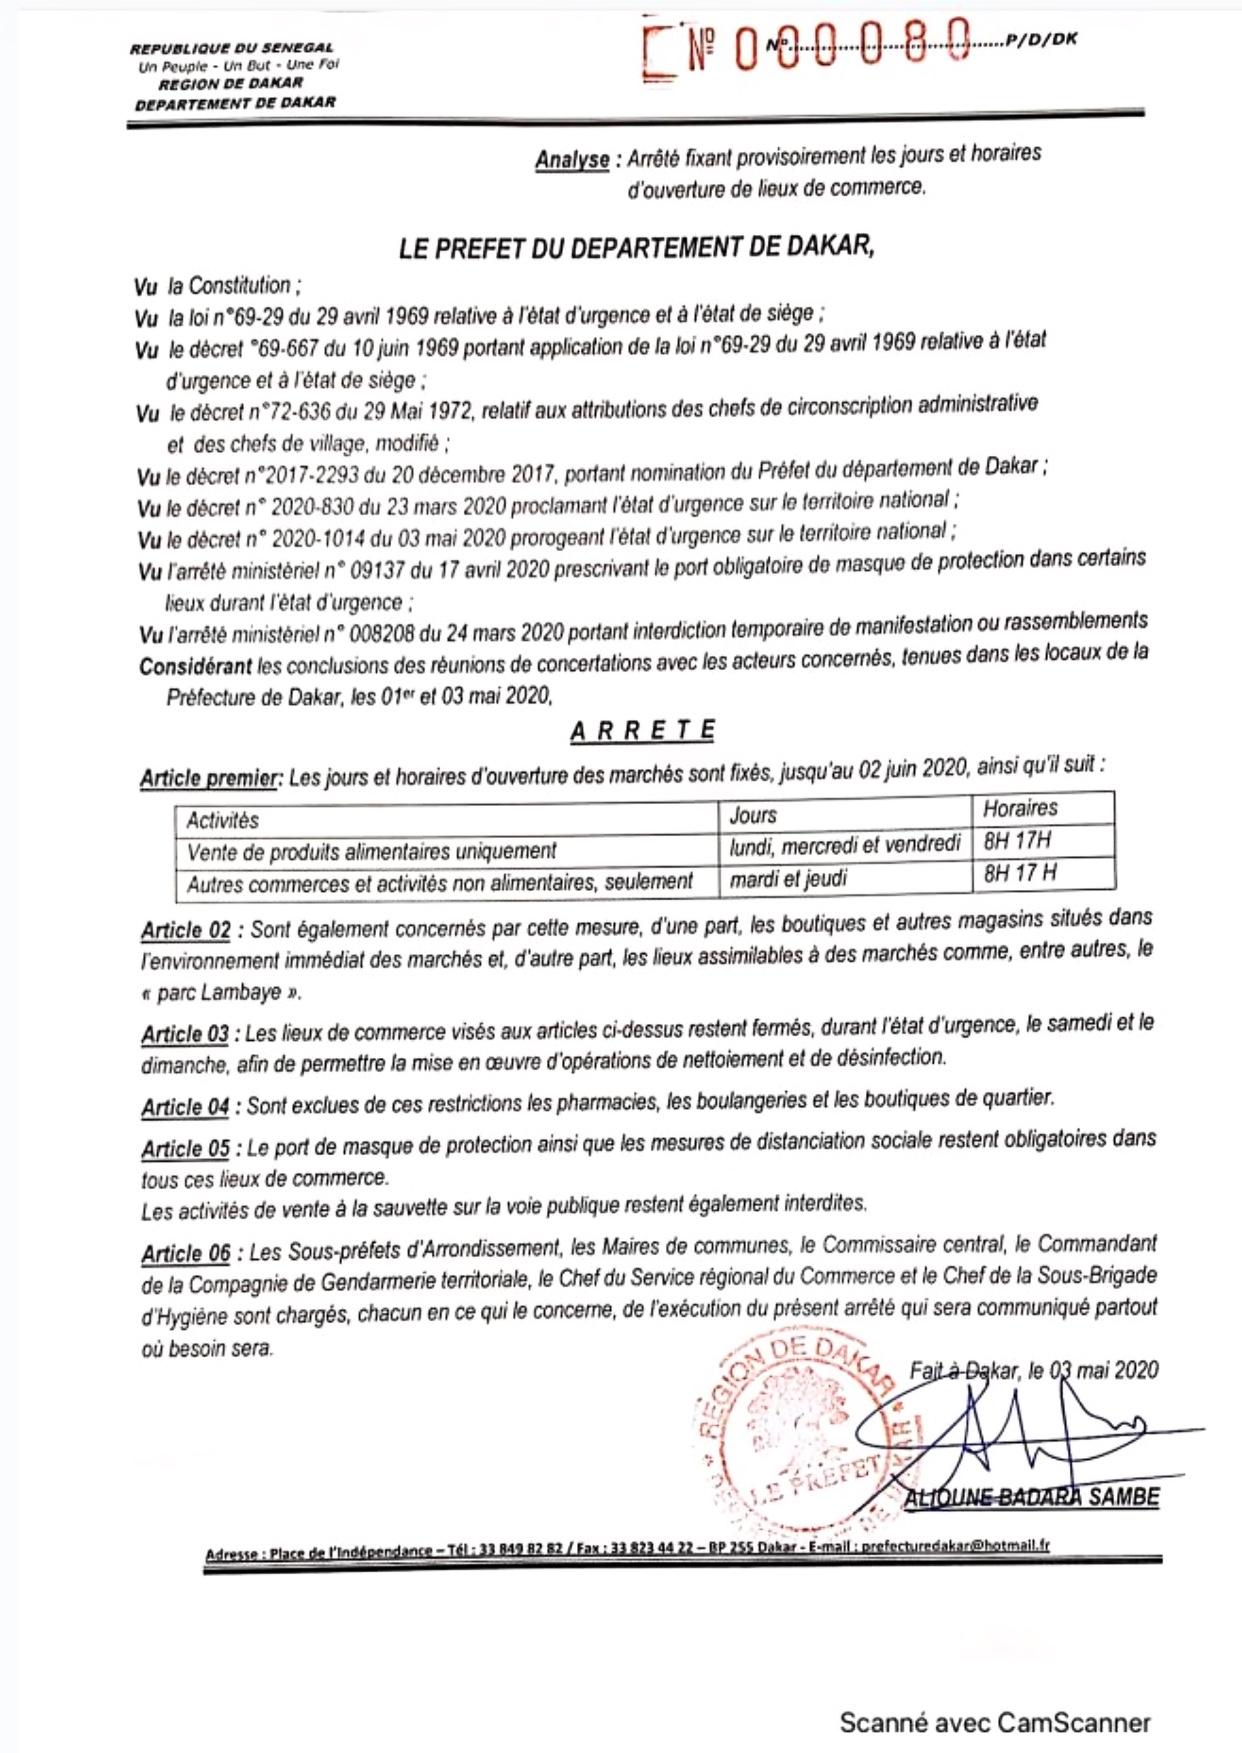 DAKAR : Le Préfet met en vigueur l'arrêté sur les jours et horaires d'ouverture des marchés jusqu'au 2 Juin 2020.